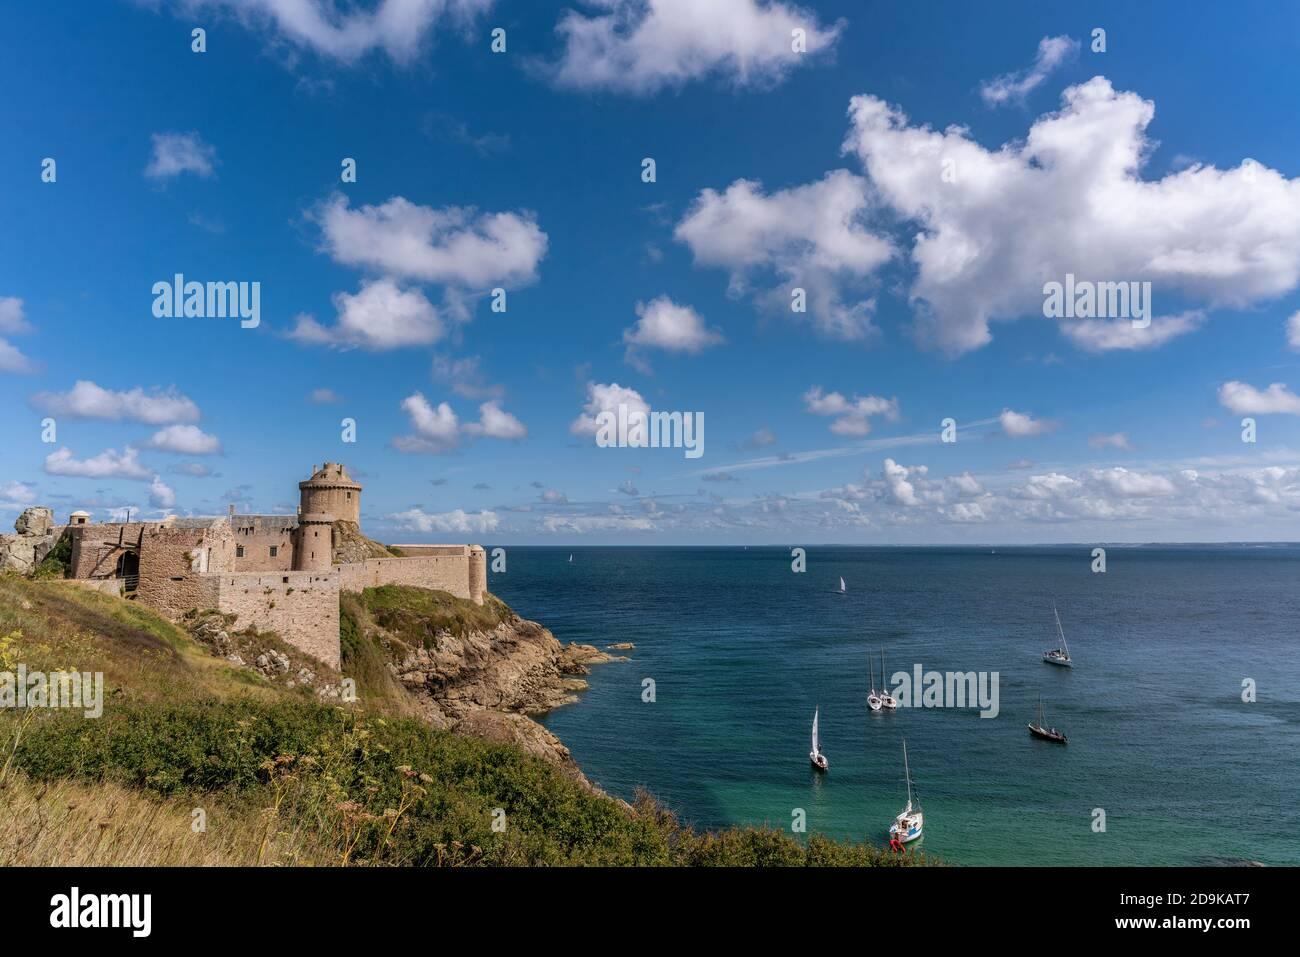 """Felsenburg Fort La Latte, Chateau de la Roche Goyon,  Cap Frehel, Filmkulisse """" Die Wikinger"""" mit Kirk Douglas und Sat 1 Produktion """" Tristan und Isol Stock Photo"""